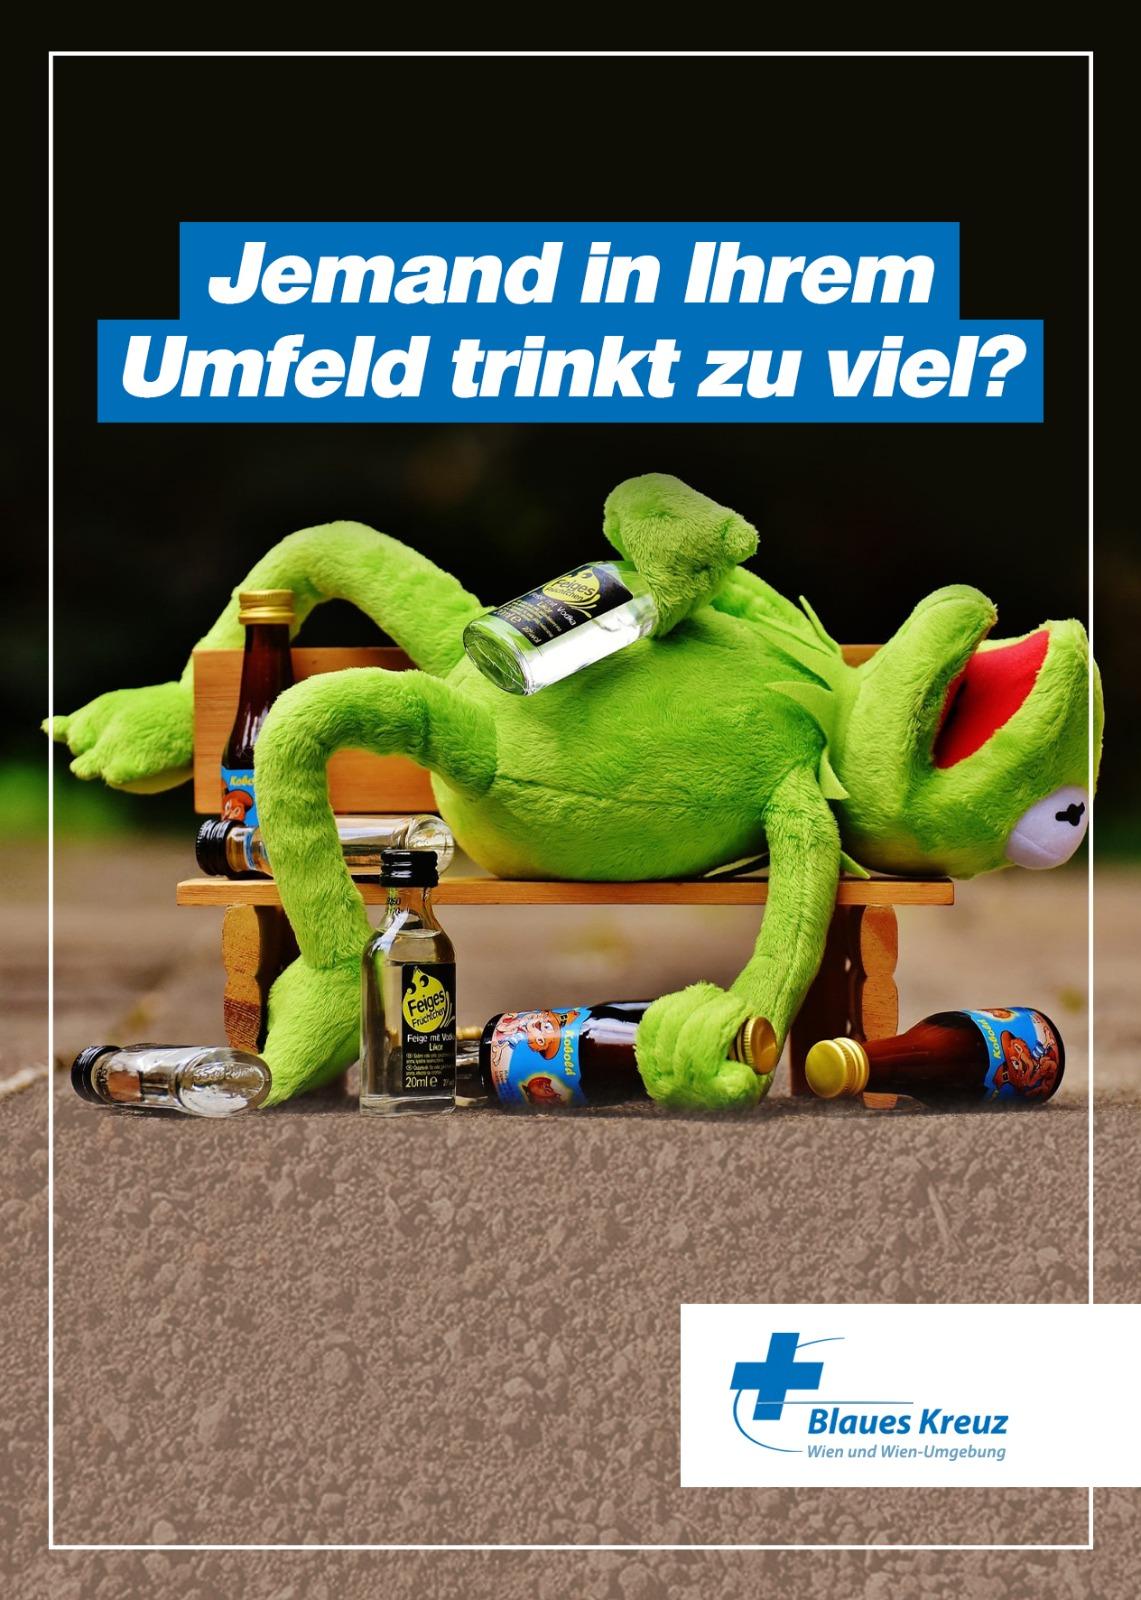 Flyer-Jemand-im-Umfeld-trinkt-zu-viel